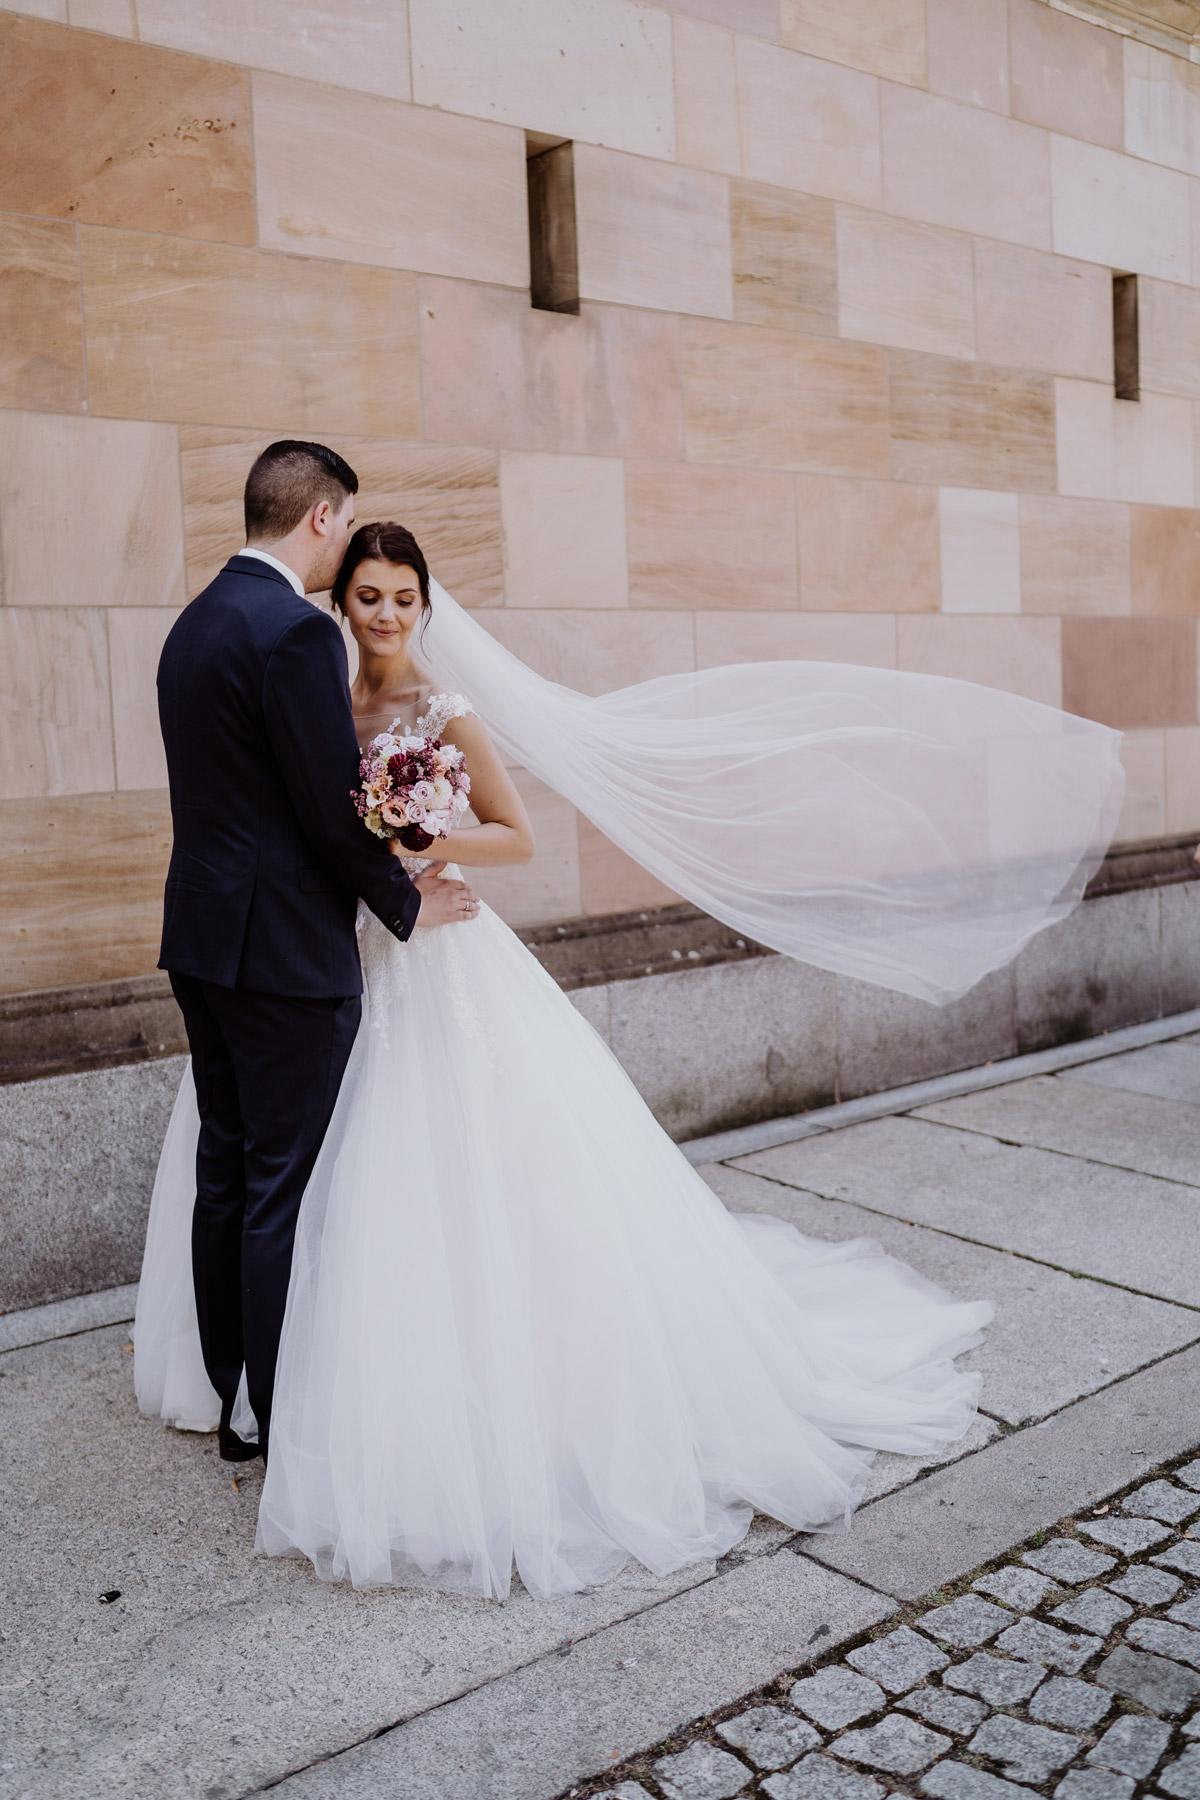 Hochzeitsshooting nach Kirche Brautpaarfotos Braut mit Schleier Hochzeitsfotografie Berlin © www.hochzeitslicht.de #hochzeitslicht #Hochzeitsfoto #Hochzeitsbild #Brautpaar